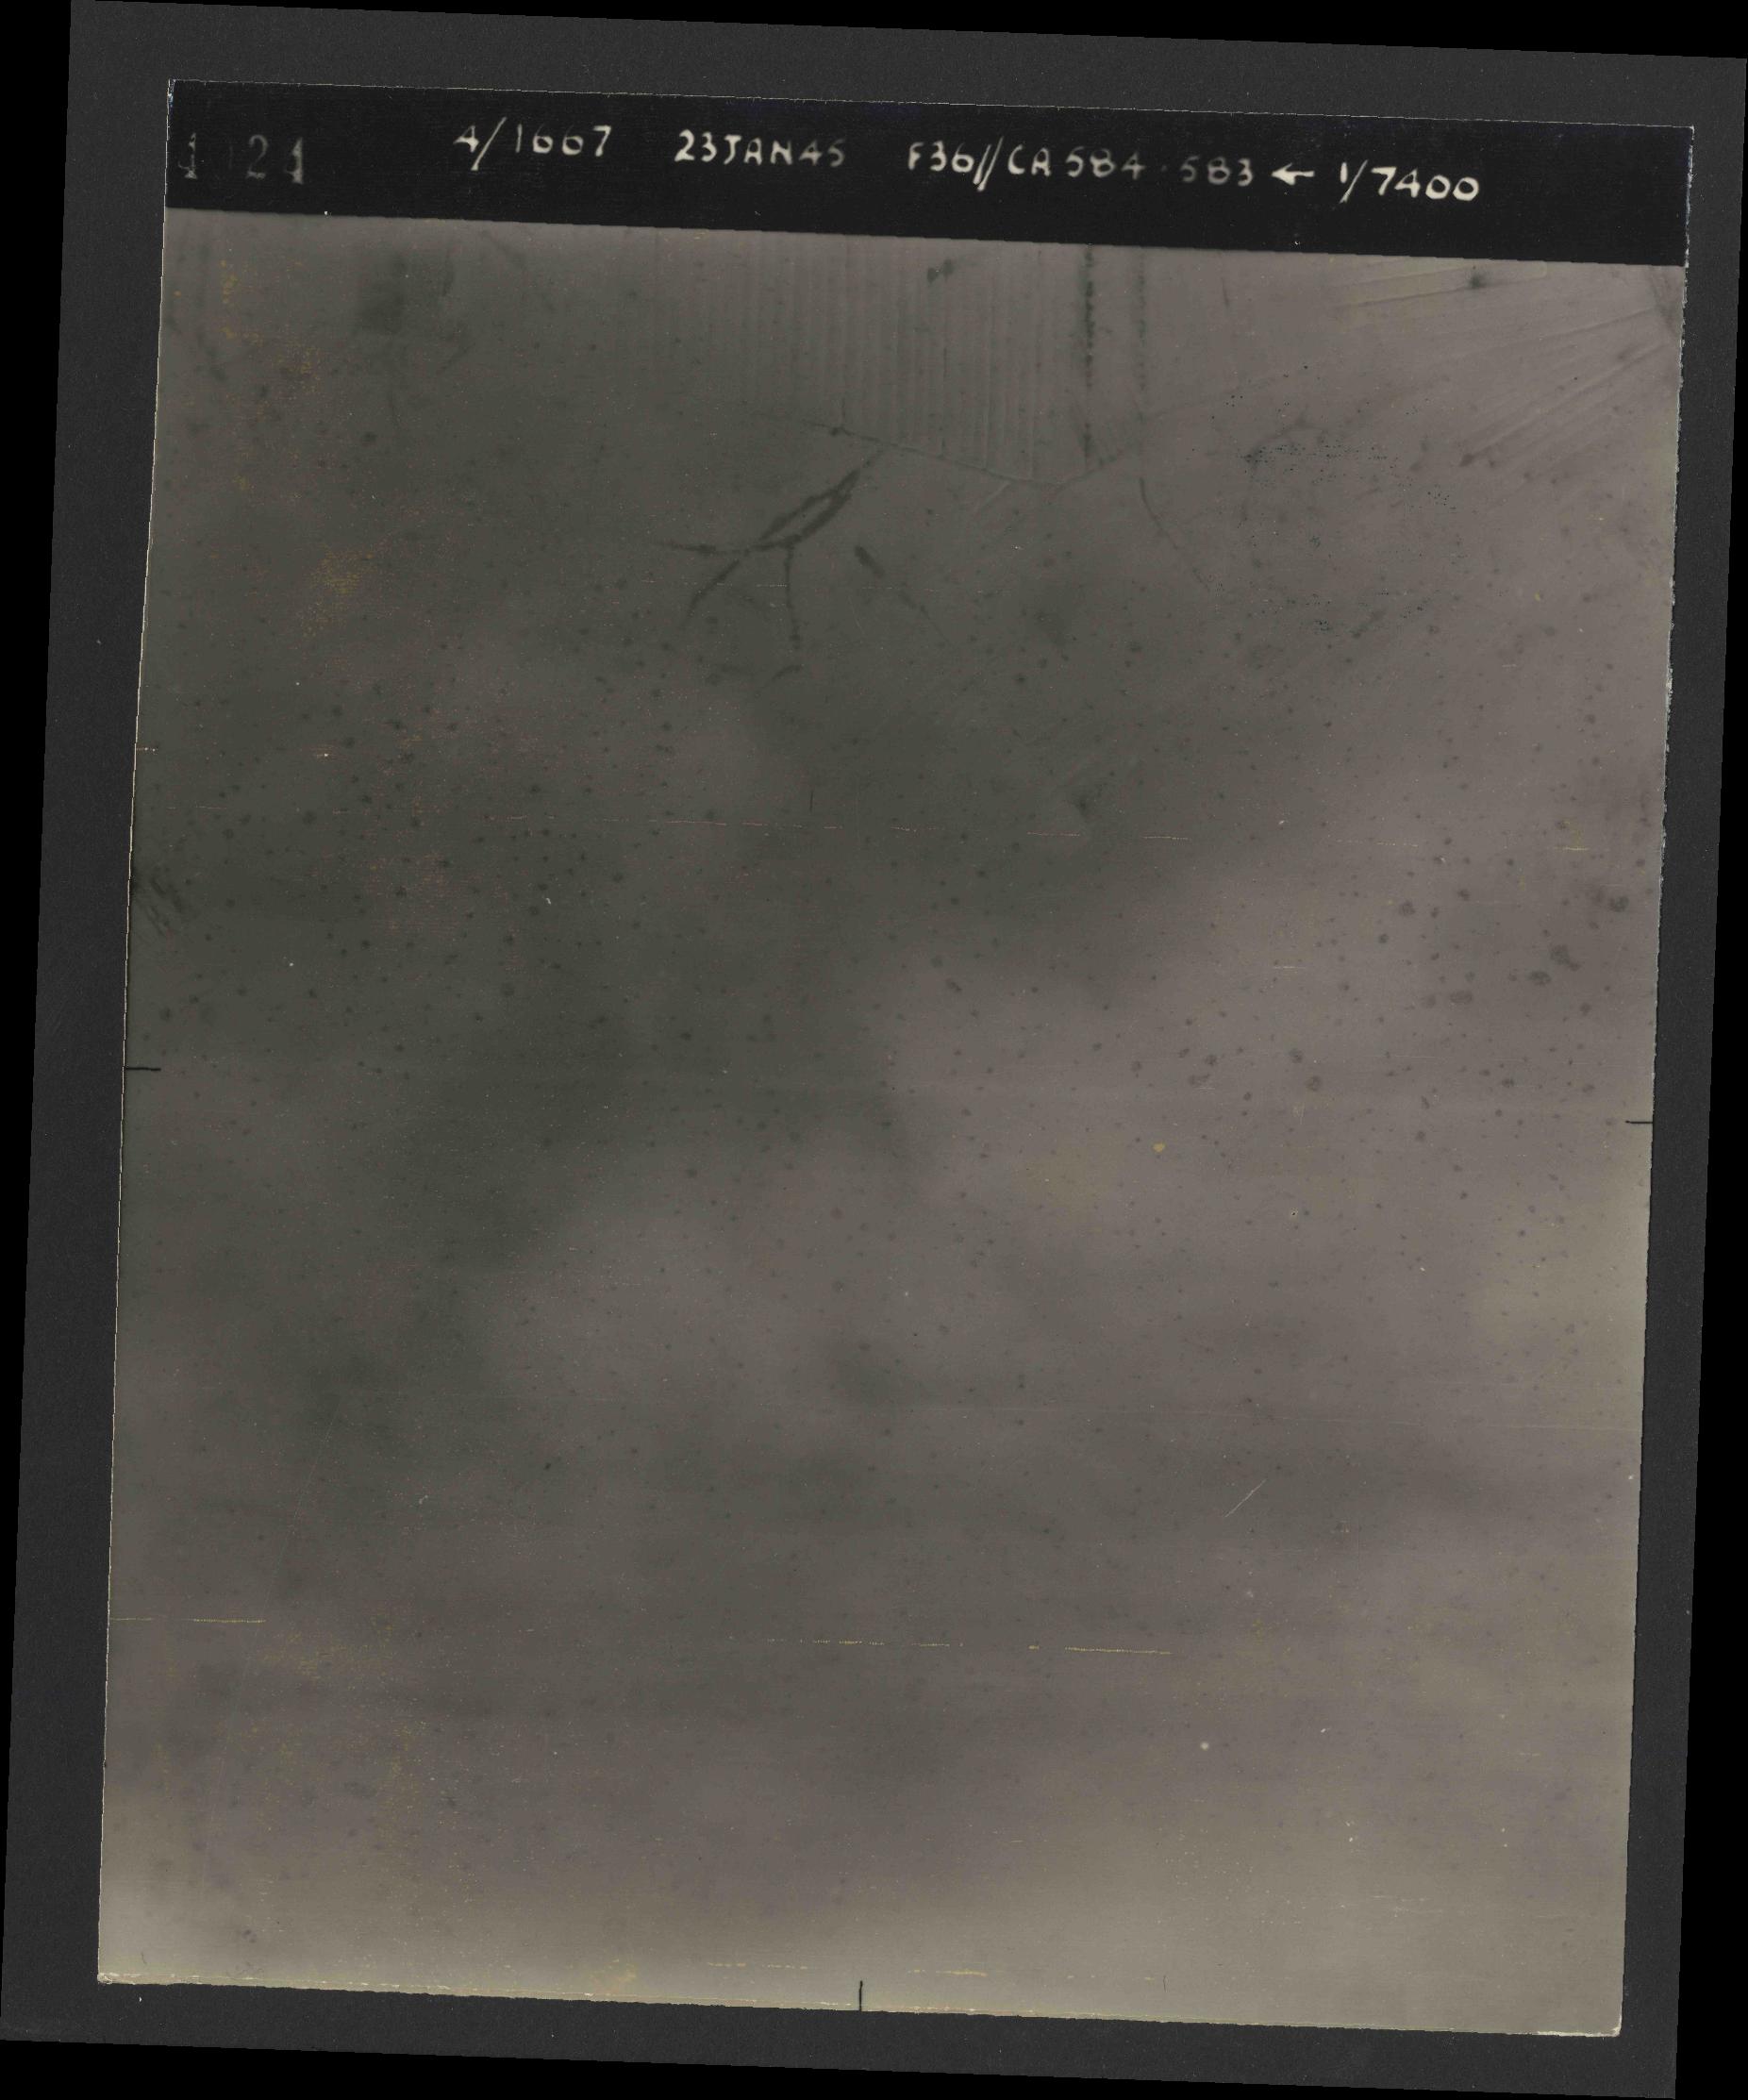 Collection RAF aerial photos 1940-1945 - flight 324, run 02, photo 4024